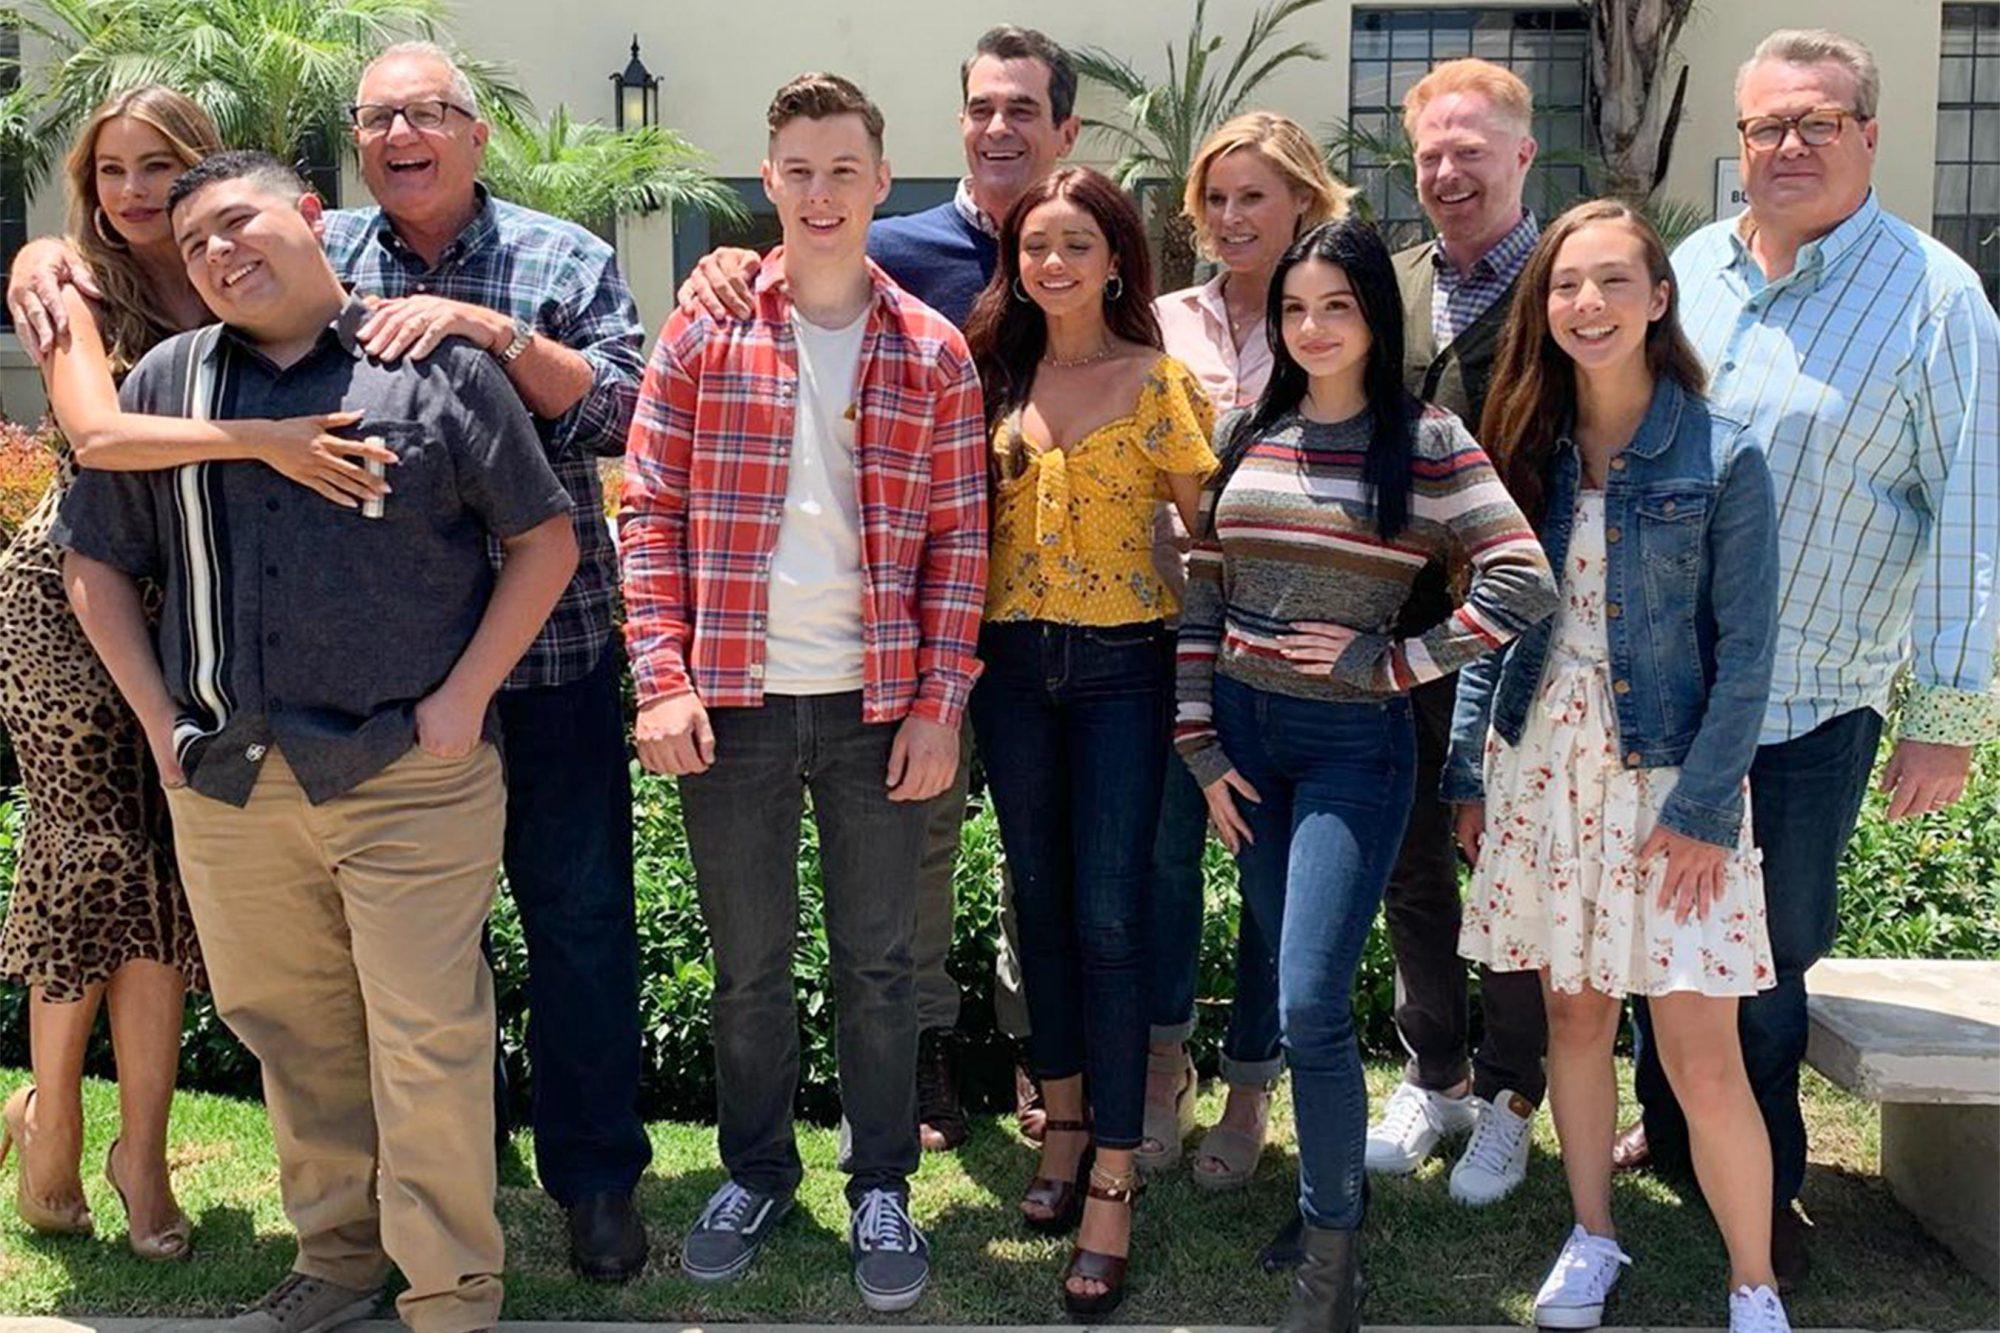 Modern Family cast https://www.instagram.com/p/B0mROPhhKZ6/ CR: 20th Century Fox